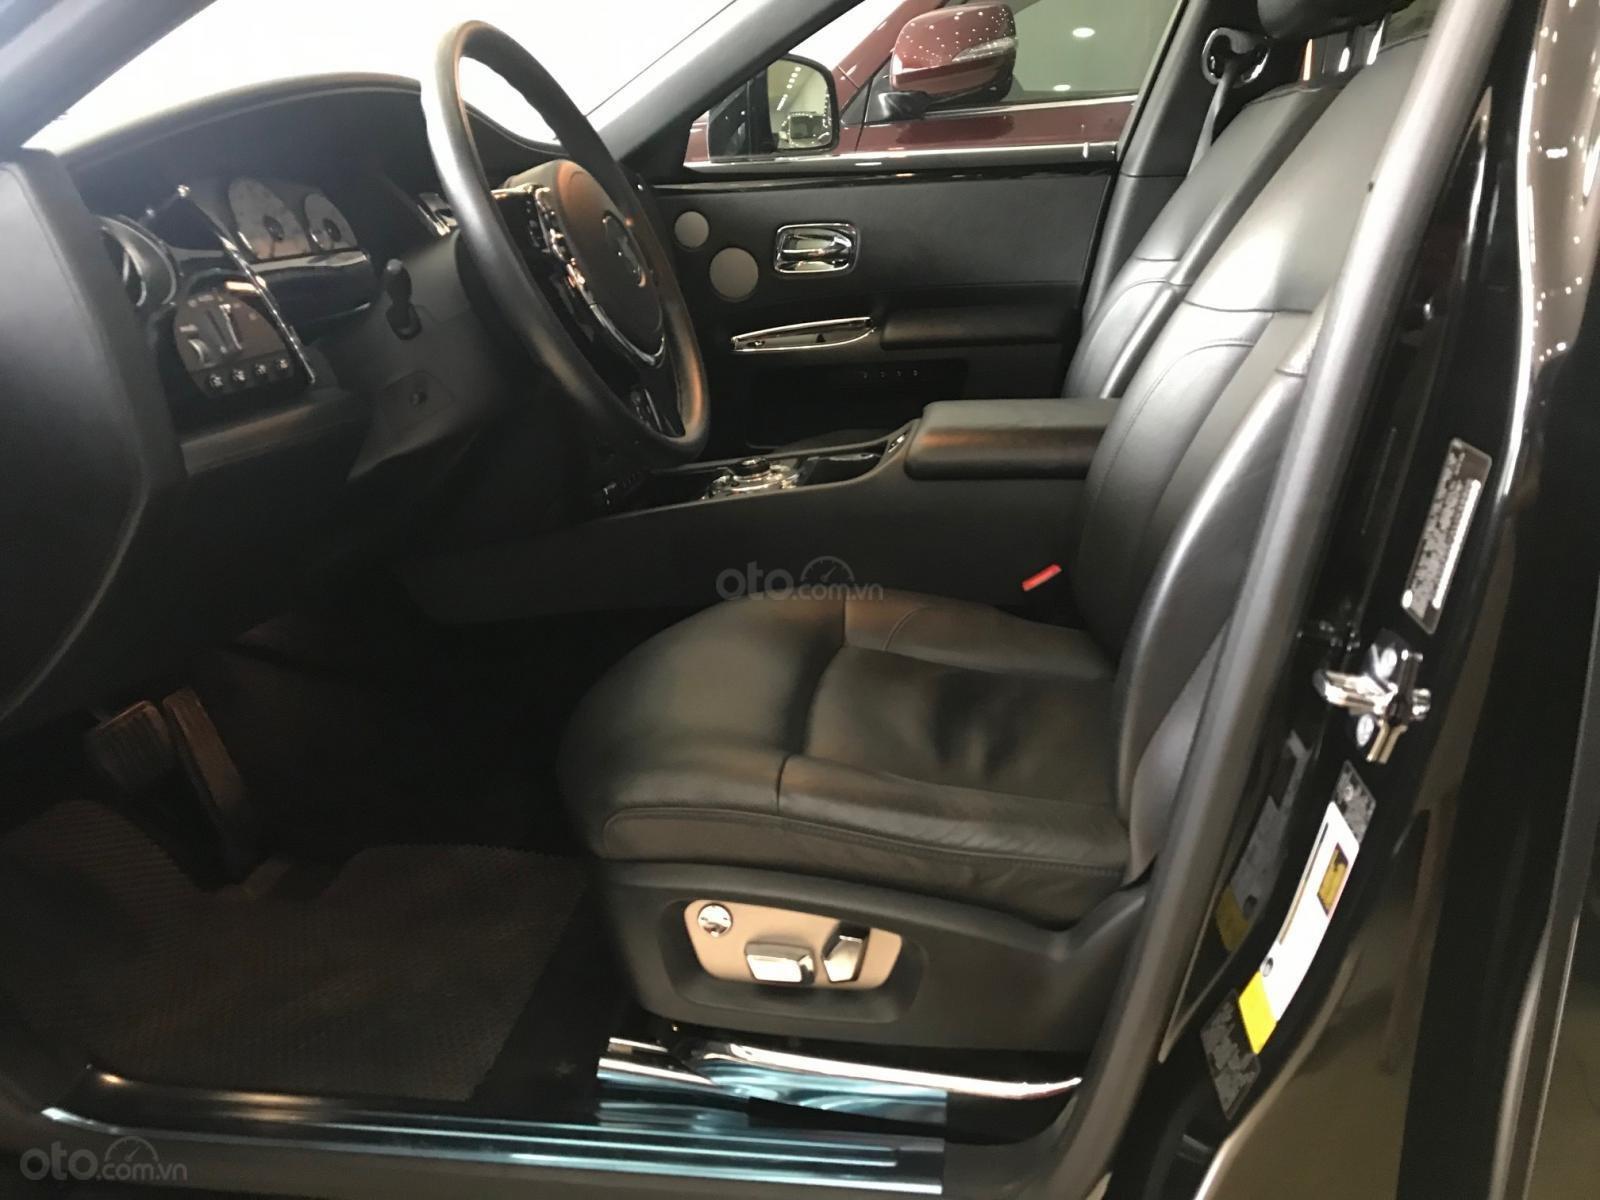 Bán ô tô Rolls-Royce Ghost 2011, màu đen, xe chạy cực ít, siêu đẹp (8)